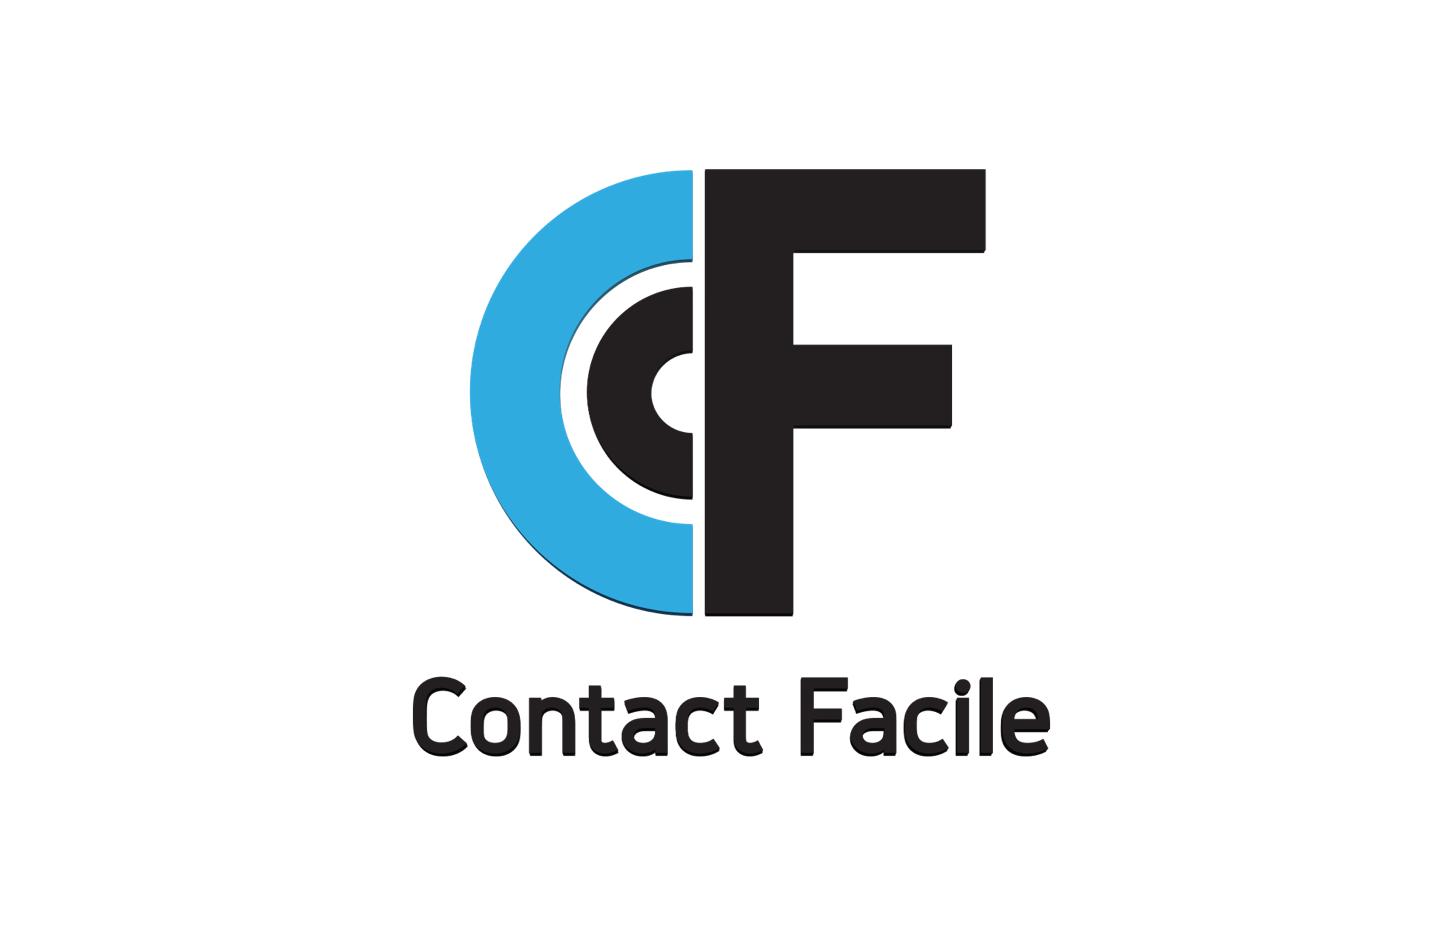 Contact Facile